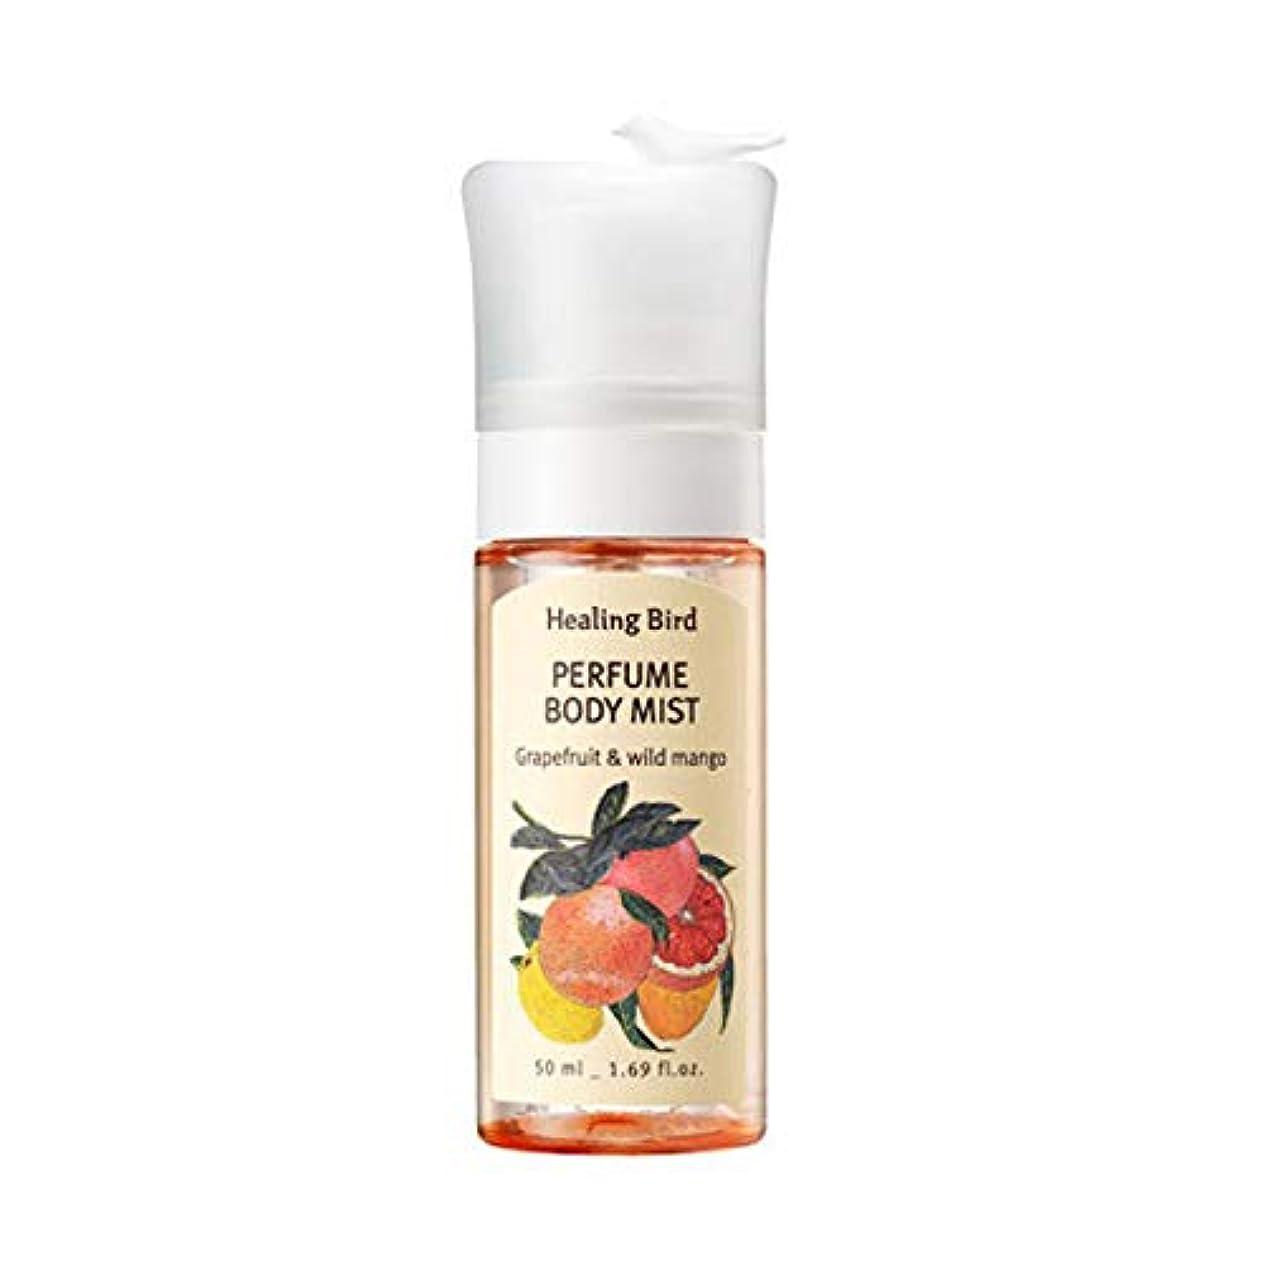 検索ヘクタール考古学Healing Bird Perfume Body Mist 50ml パヒュームボディミスト (Grapefruit & Wild Mango) [並行輸入品]